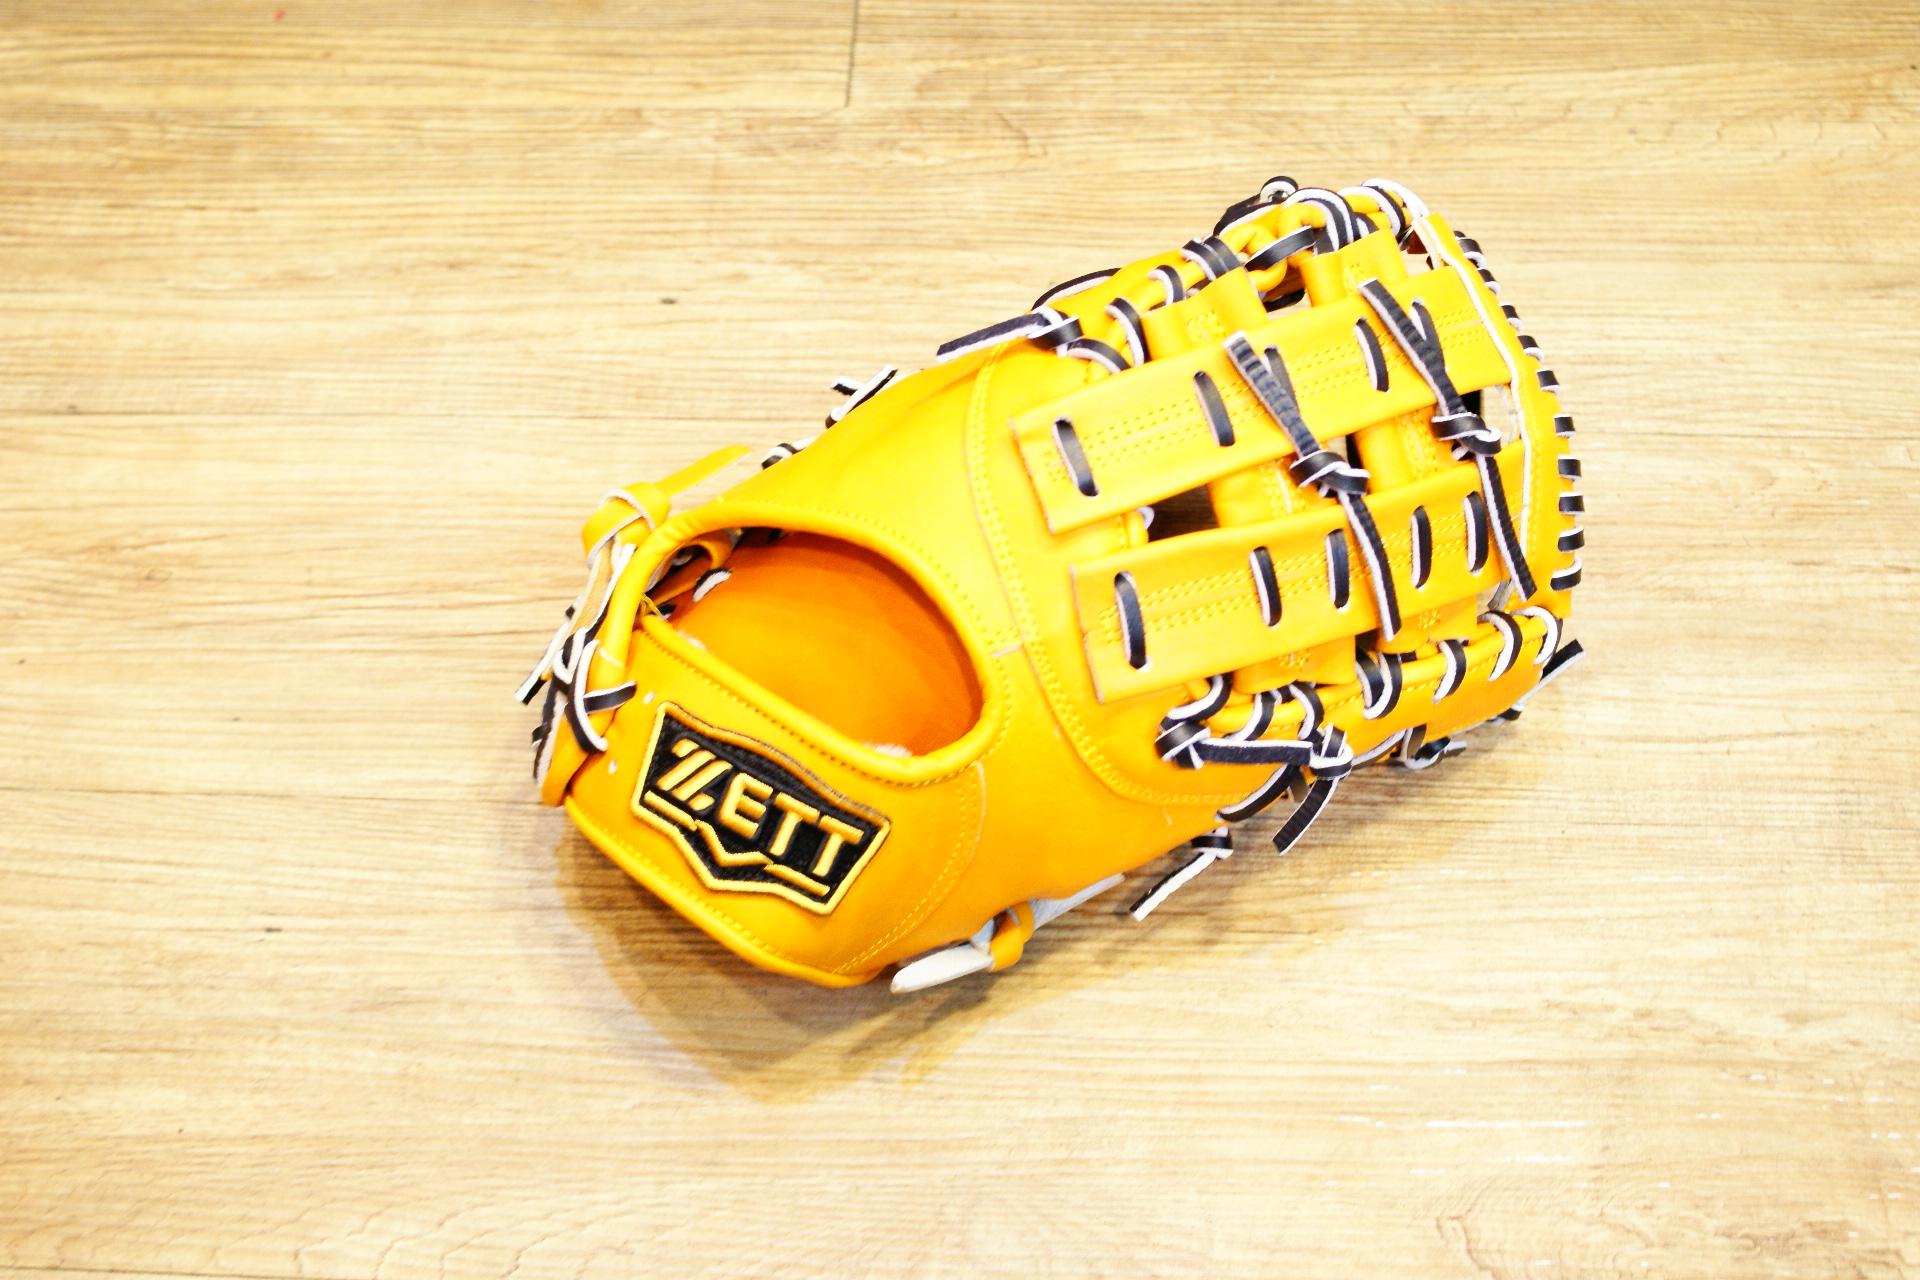 棒球世界 ZETT硬式金標棒球一壘手套 特價 本壘版標 原皮色